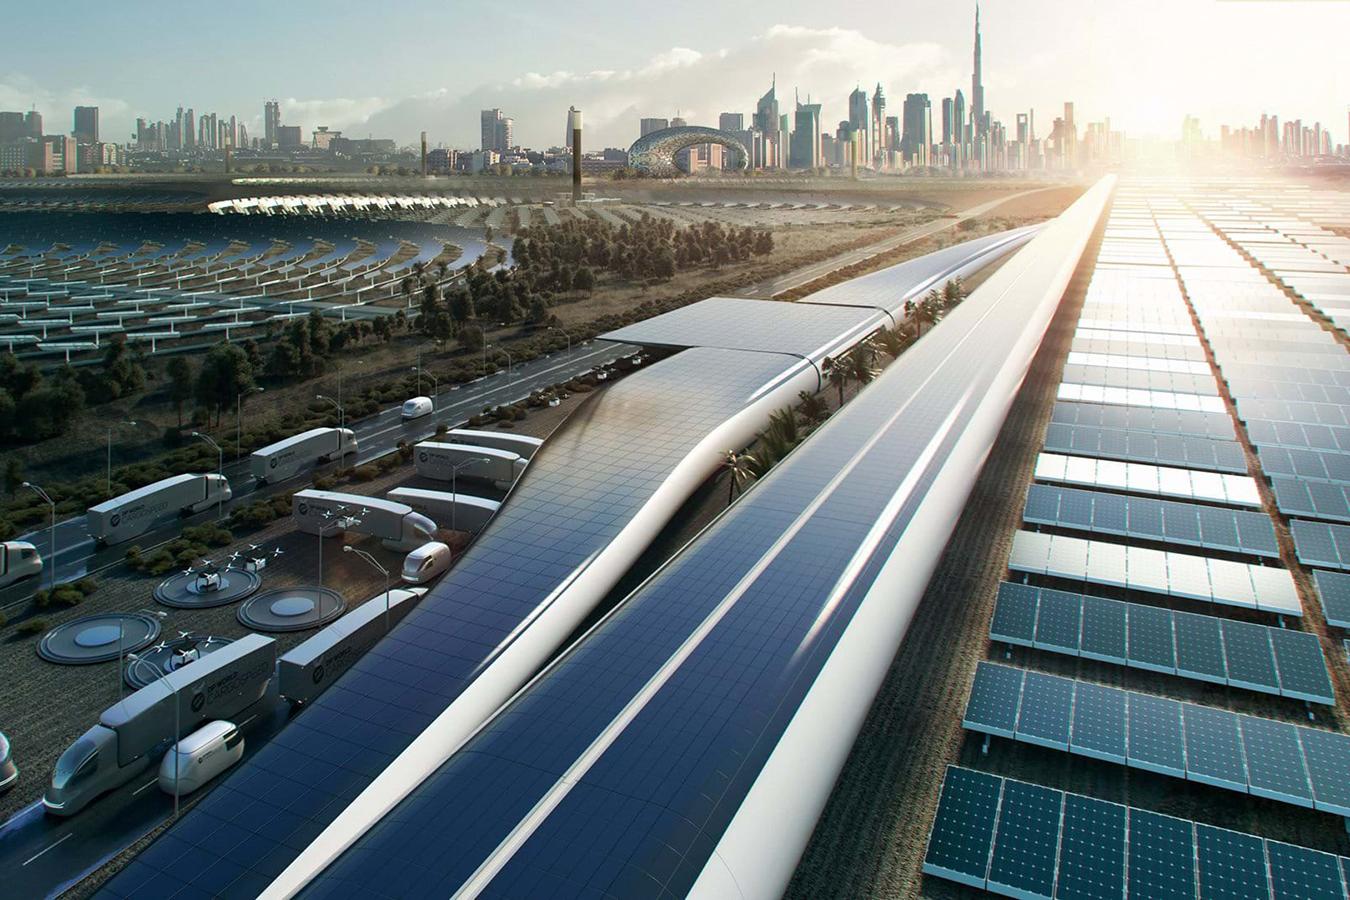 Sistema de transporte hyperloop DPWorld Cargospeed.